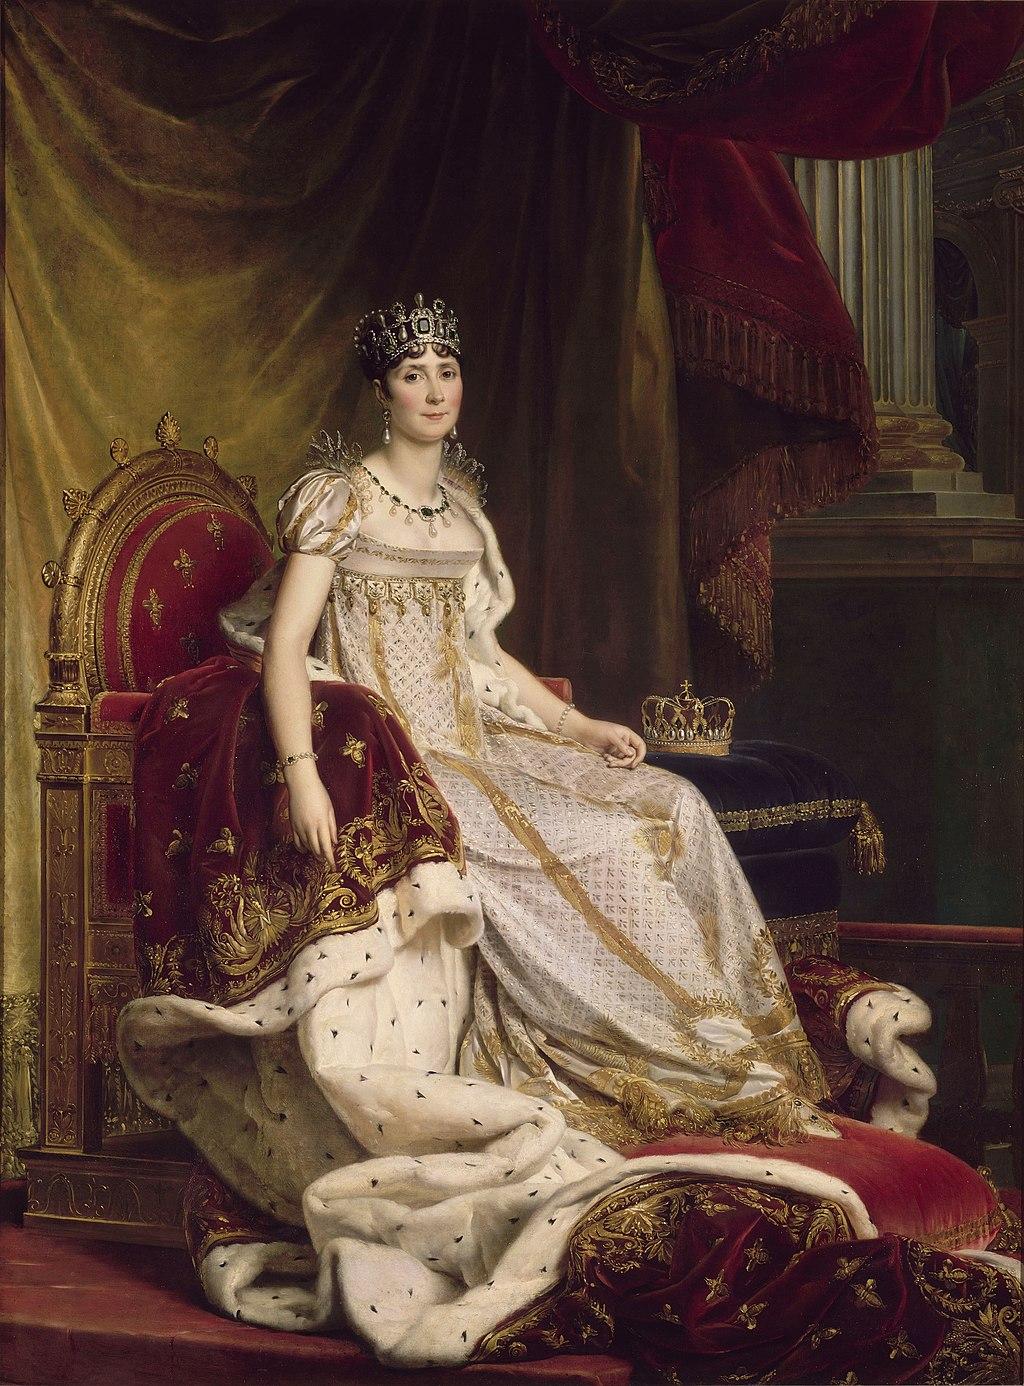 """François Gérard, """"Ritratto di Joséphine incoronata"""", Museo Nazionale del Castello di Fontainebleau, olio su tela, 1807/1808."""